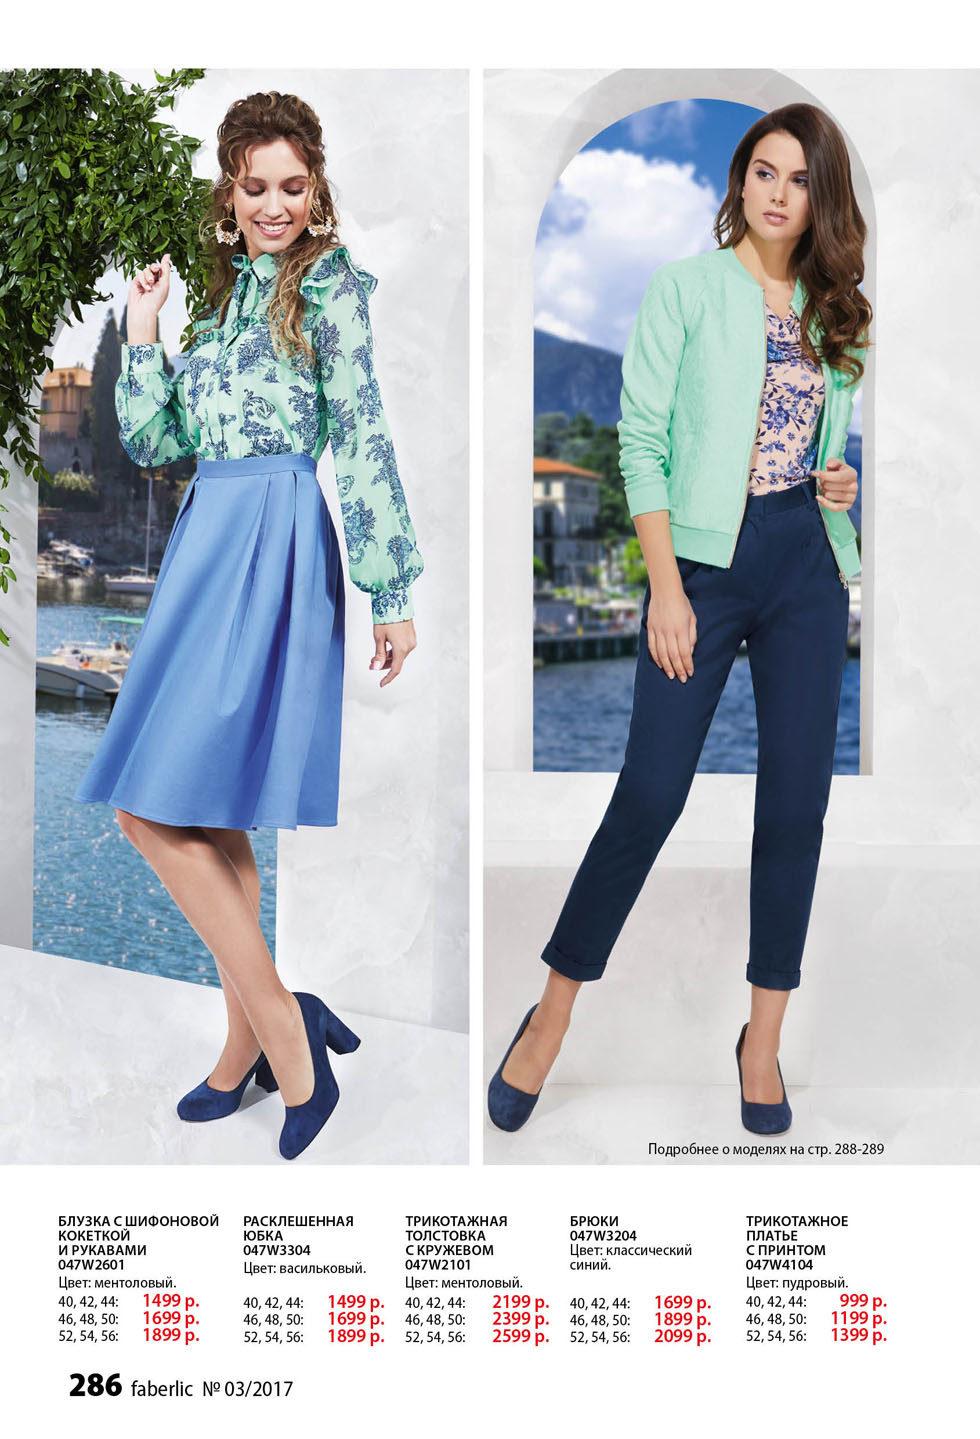 Коллекция женской одежды Дольче Вита! Дисконт 20% после регистрации .  http   info-faberlic.ru 704210653  d4410b0de32